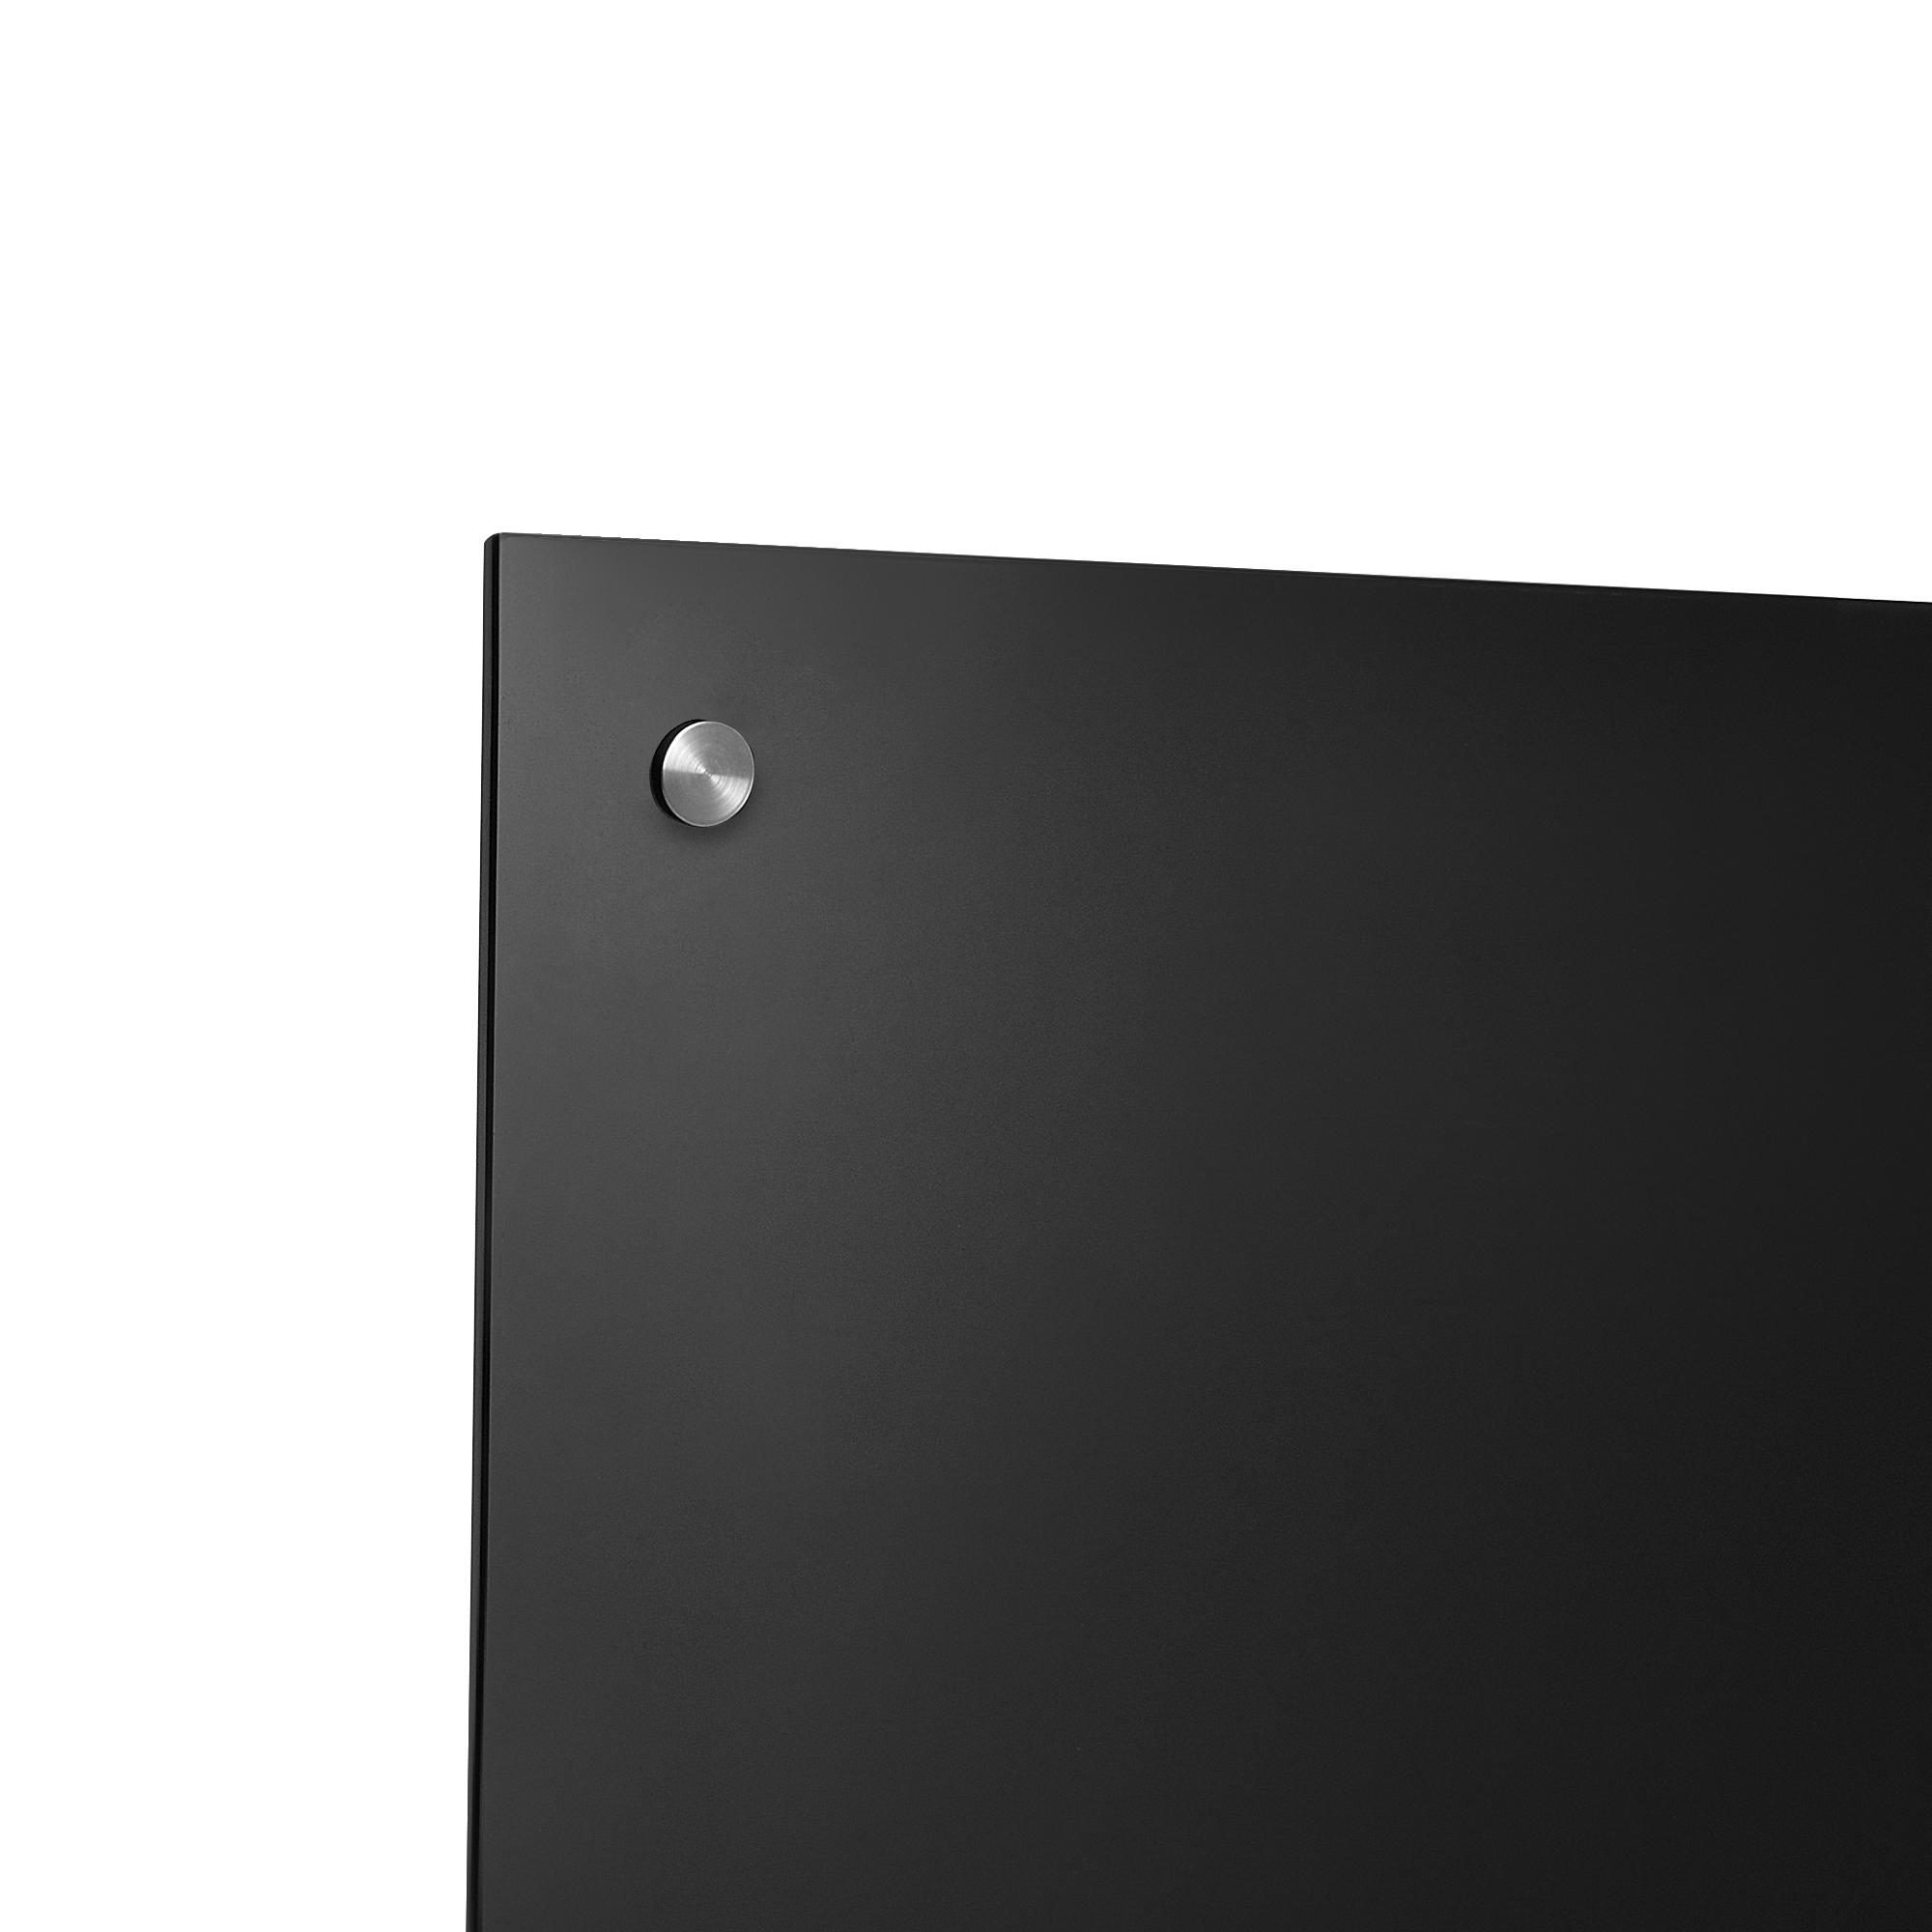 glas k chenr ckwand 90x40cm schwarz herdspritzschutz herd k che ebay. Black Bedroom Furniture Sets. Home Design Ideas